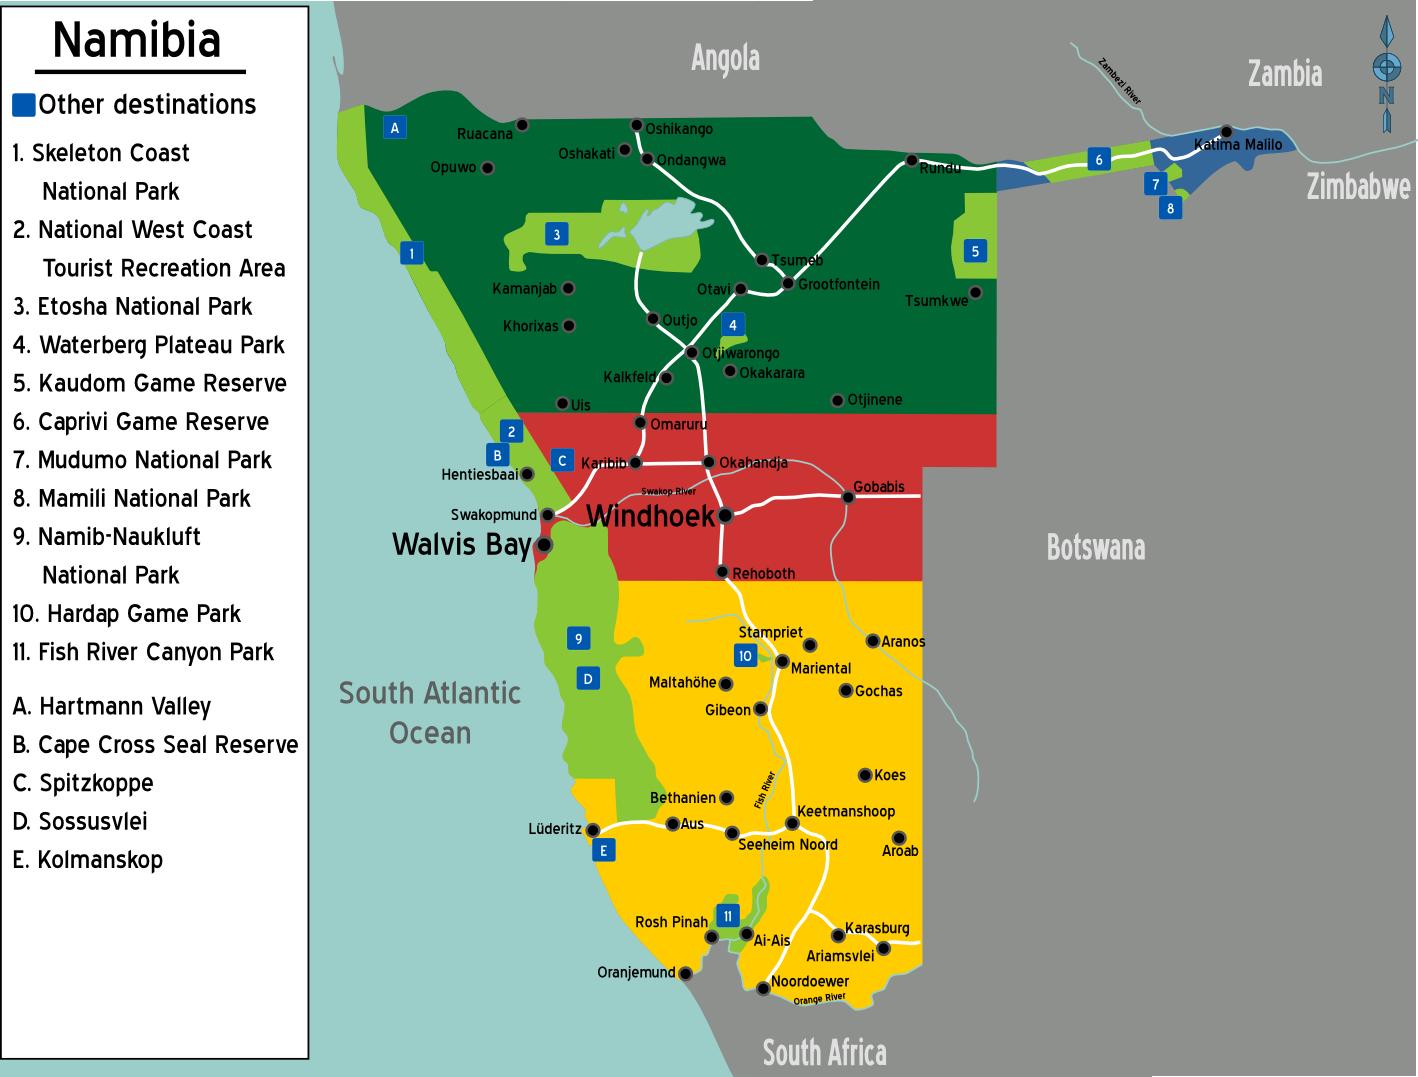 karte namibia Namibia: Karten für Reiseplanung, Reise und Safari karte namibia